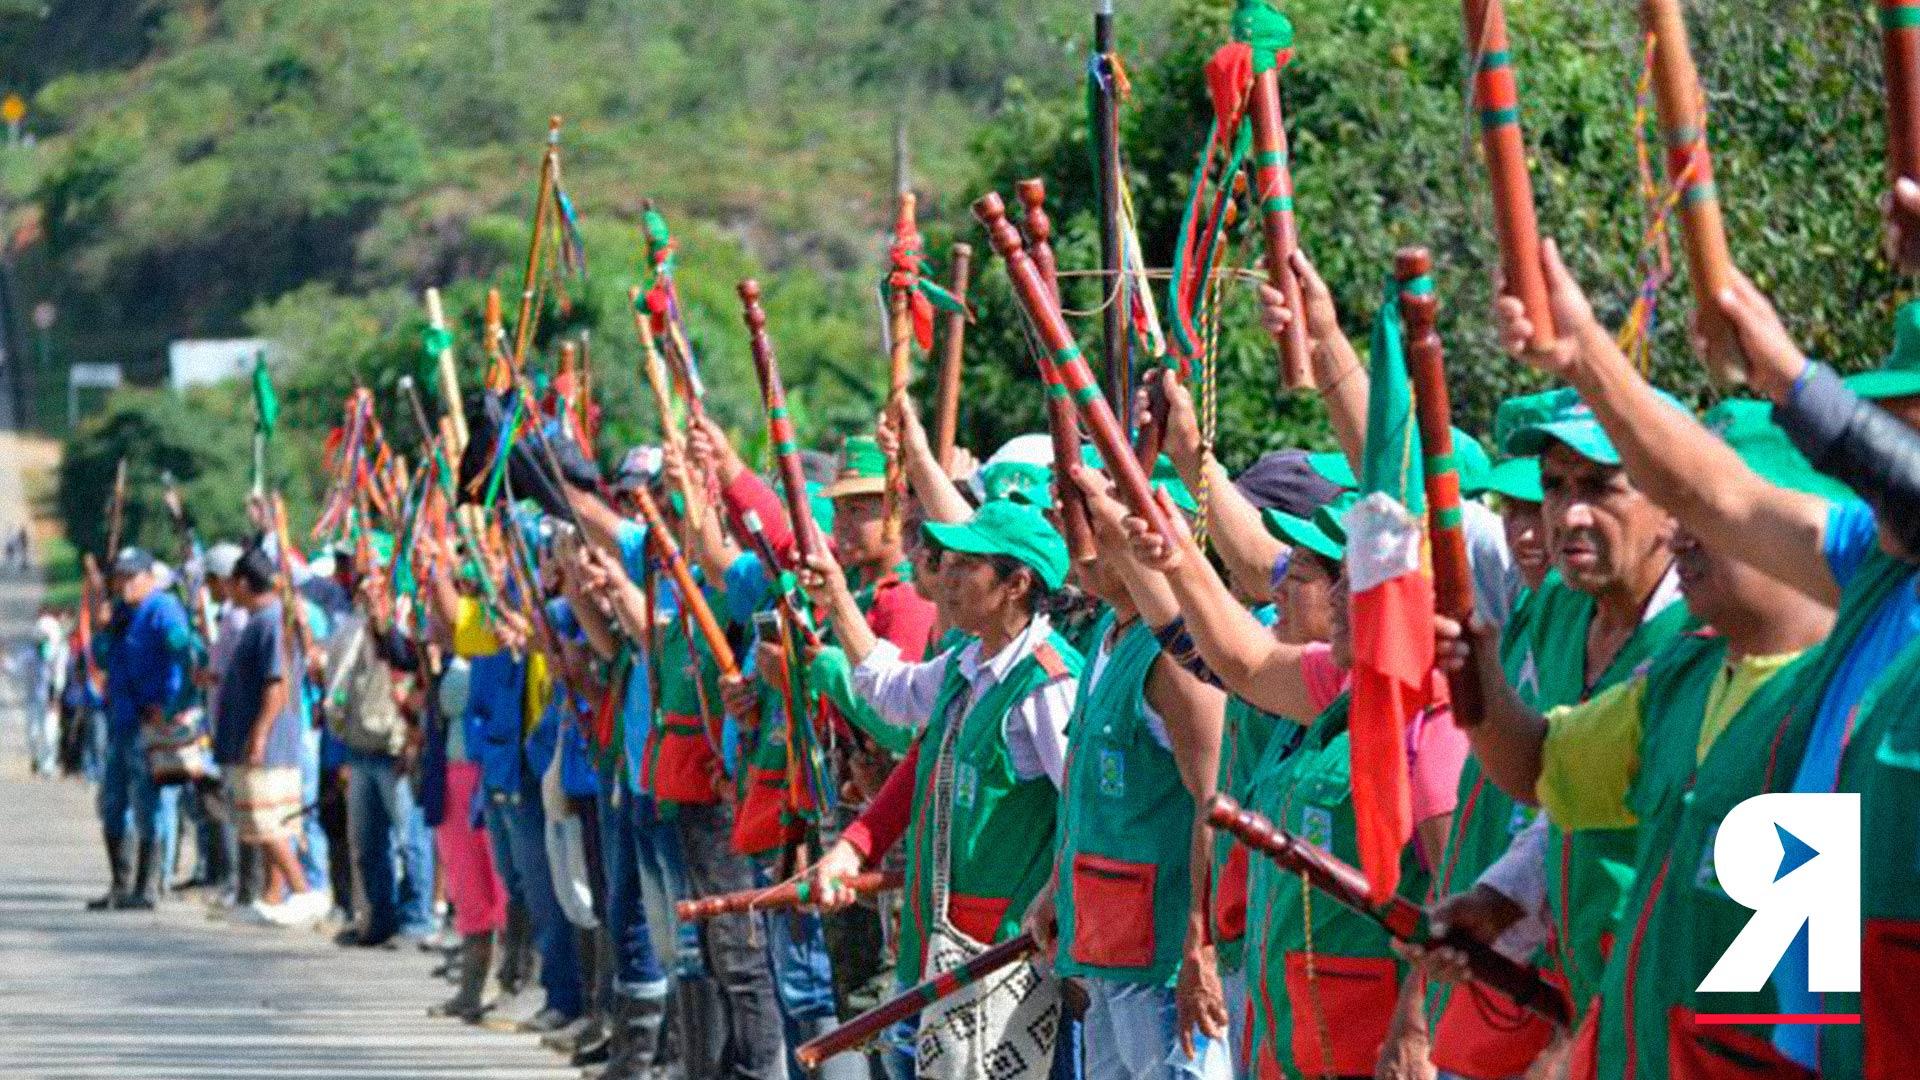 Si se quiere sumar a la Minga desde Bogotá, hoy es el día